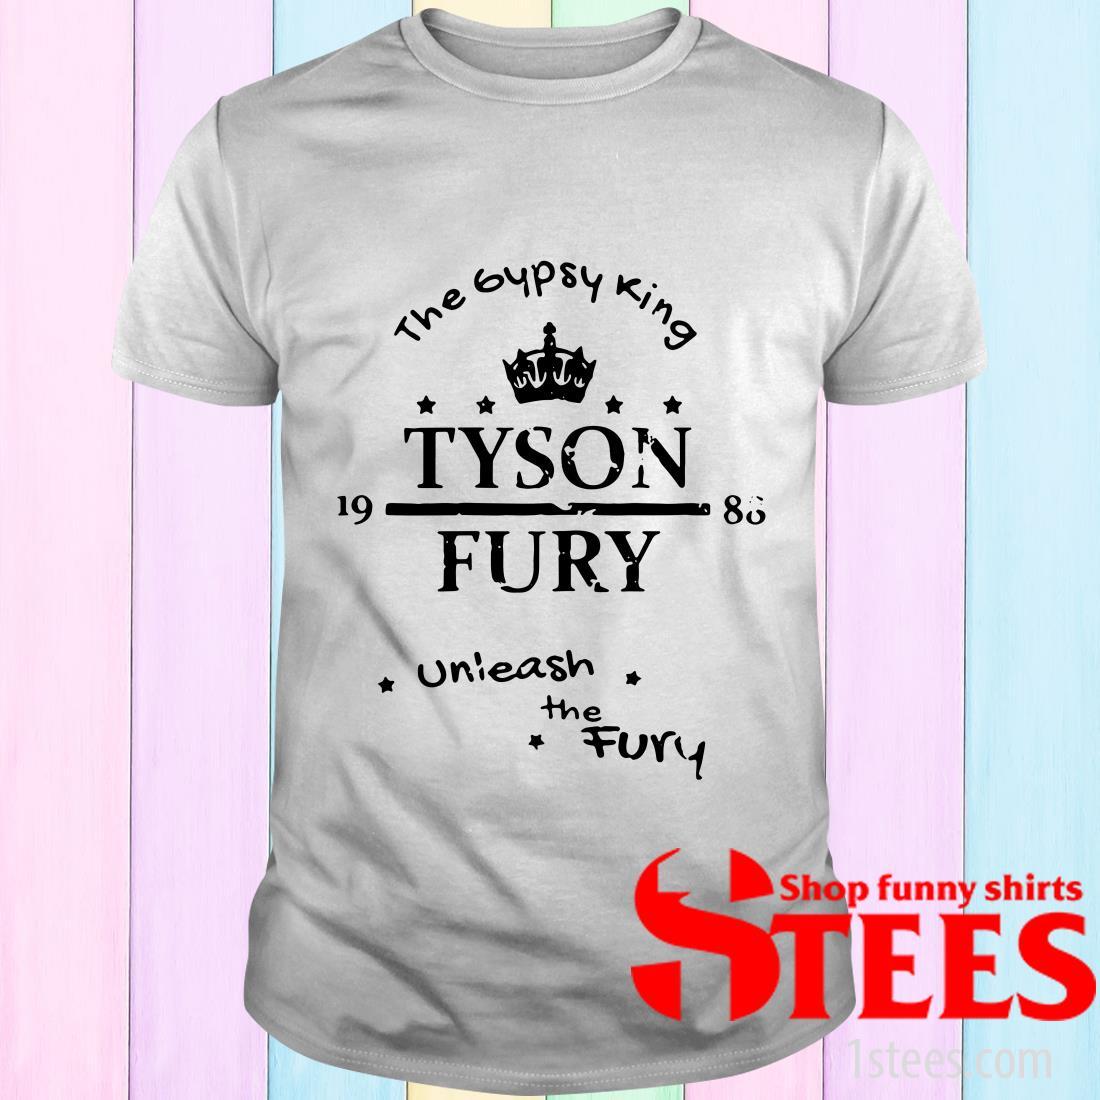 Tyson Fury The Gypsy King Unleash The Fury T-Shirt